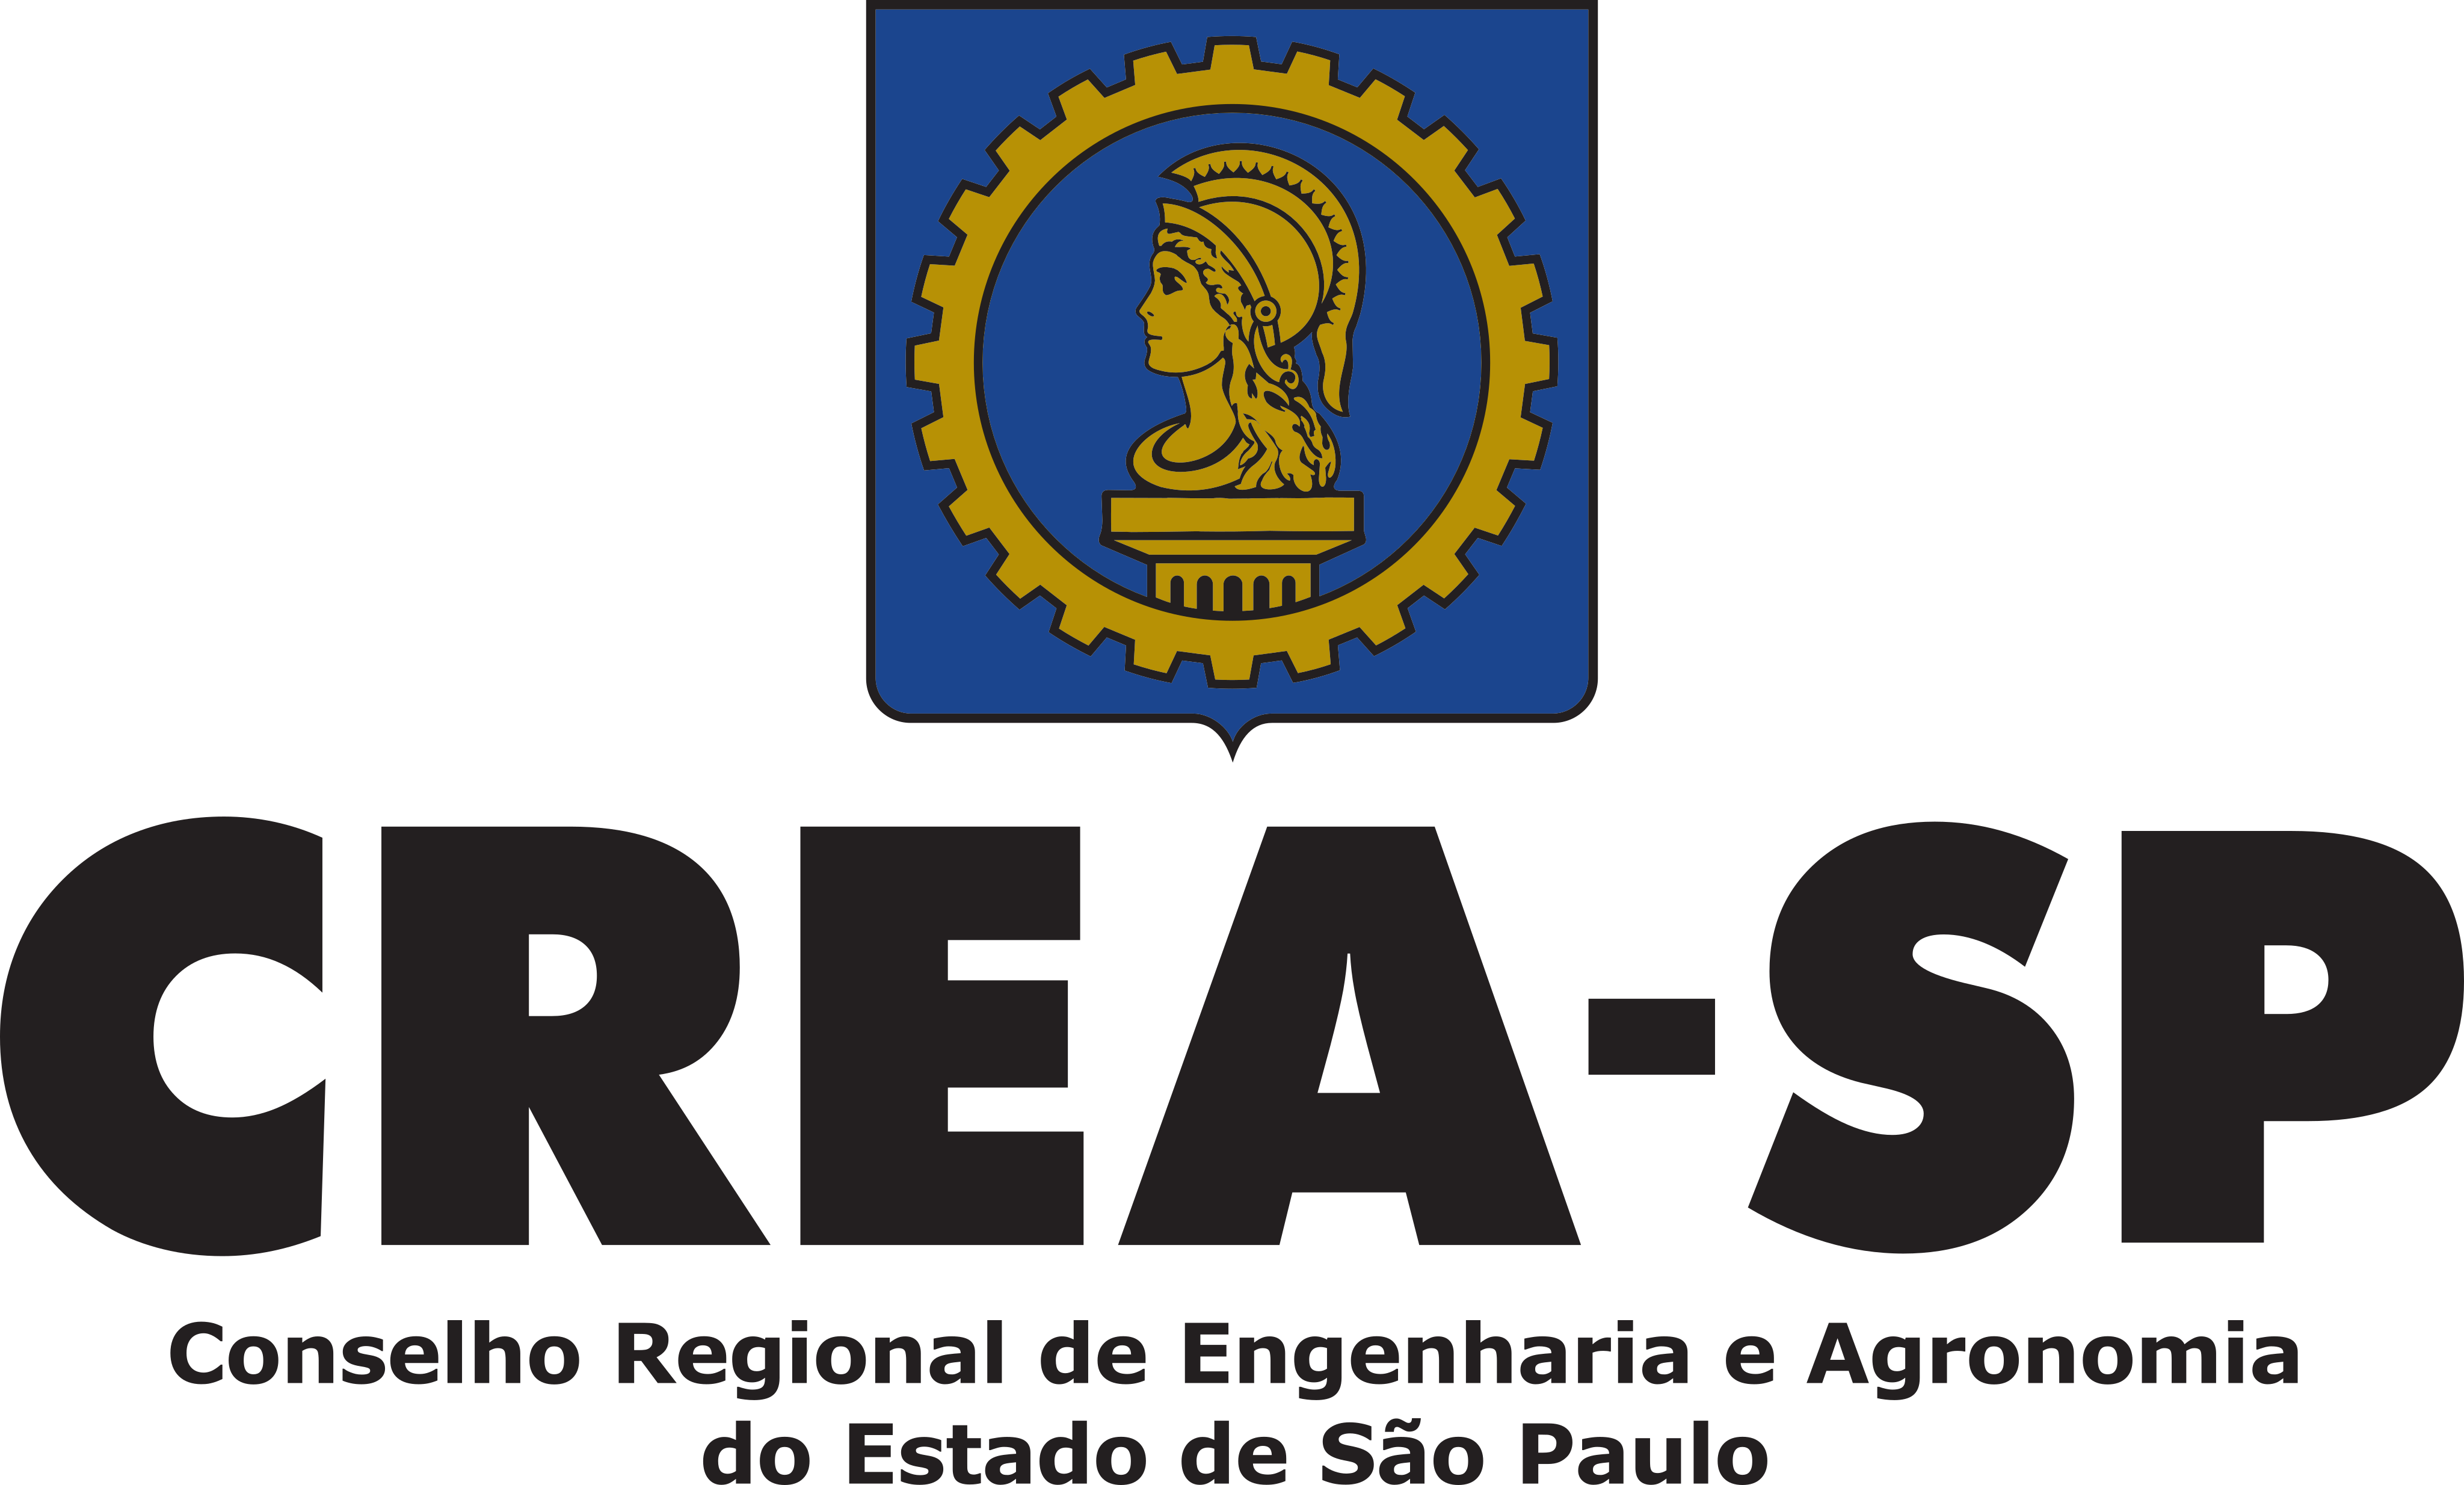 Crea SP Logo.